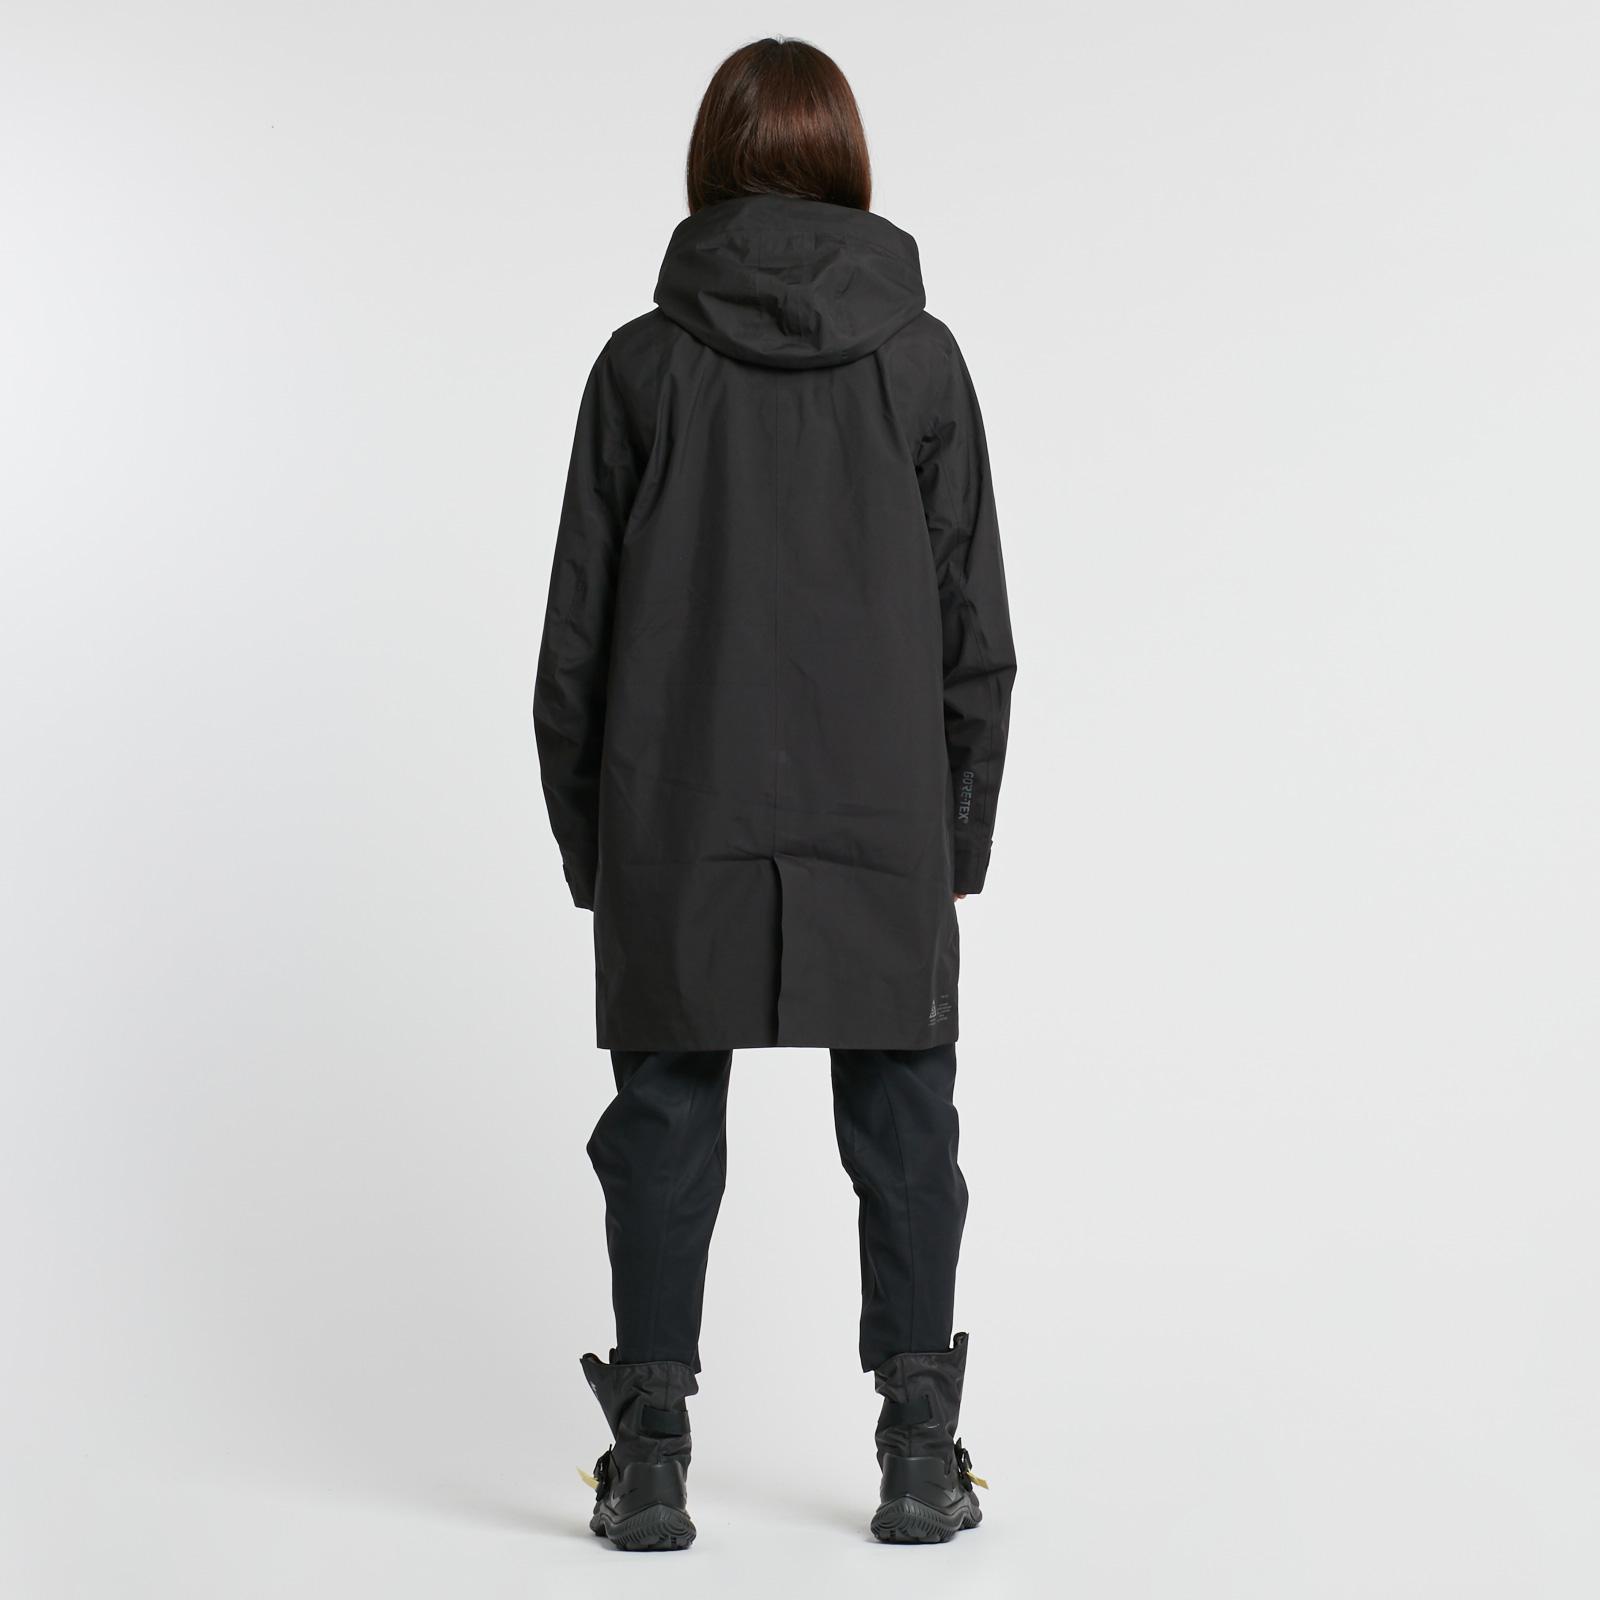 dc957413 Nike W ACG 3In1 System Coat - 906104-010 - Sneakersnstuff | sneakers &  streetwear online since 1999